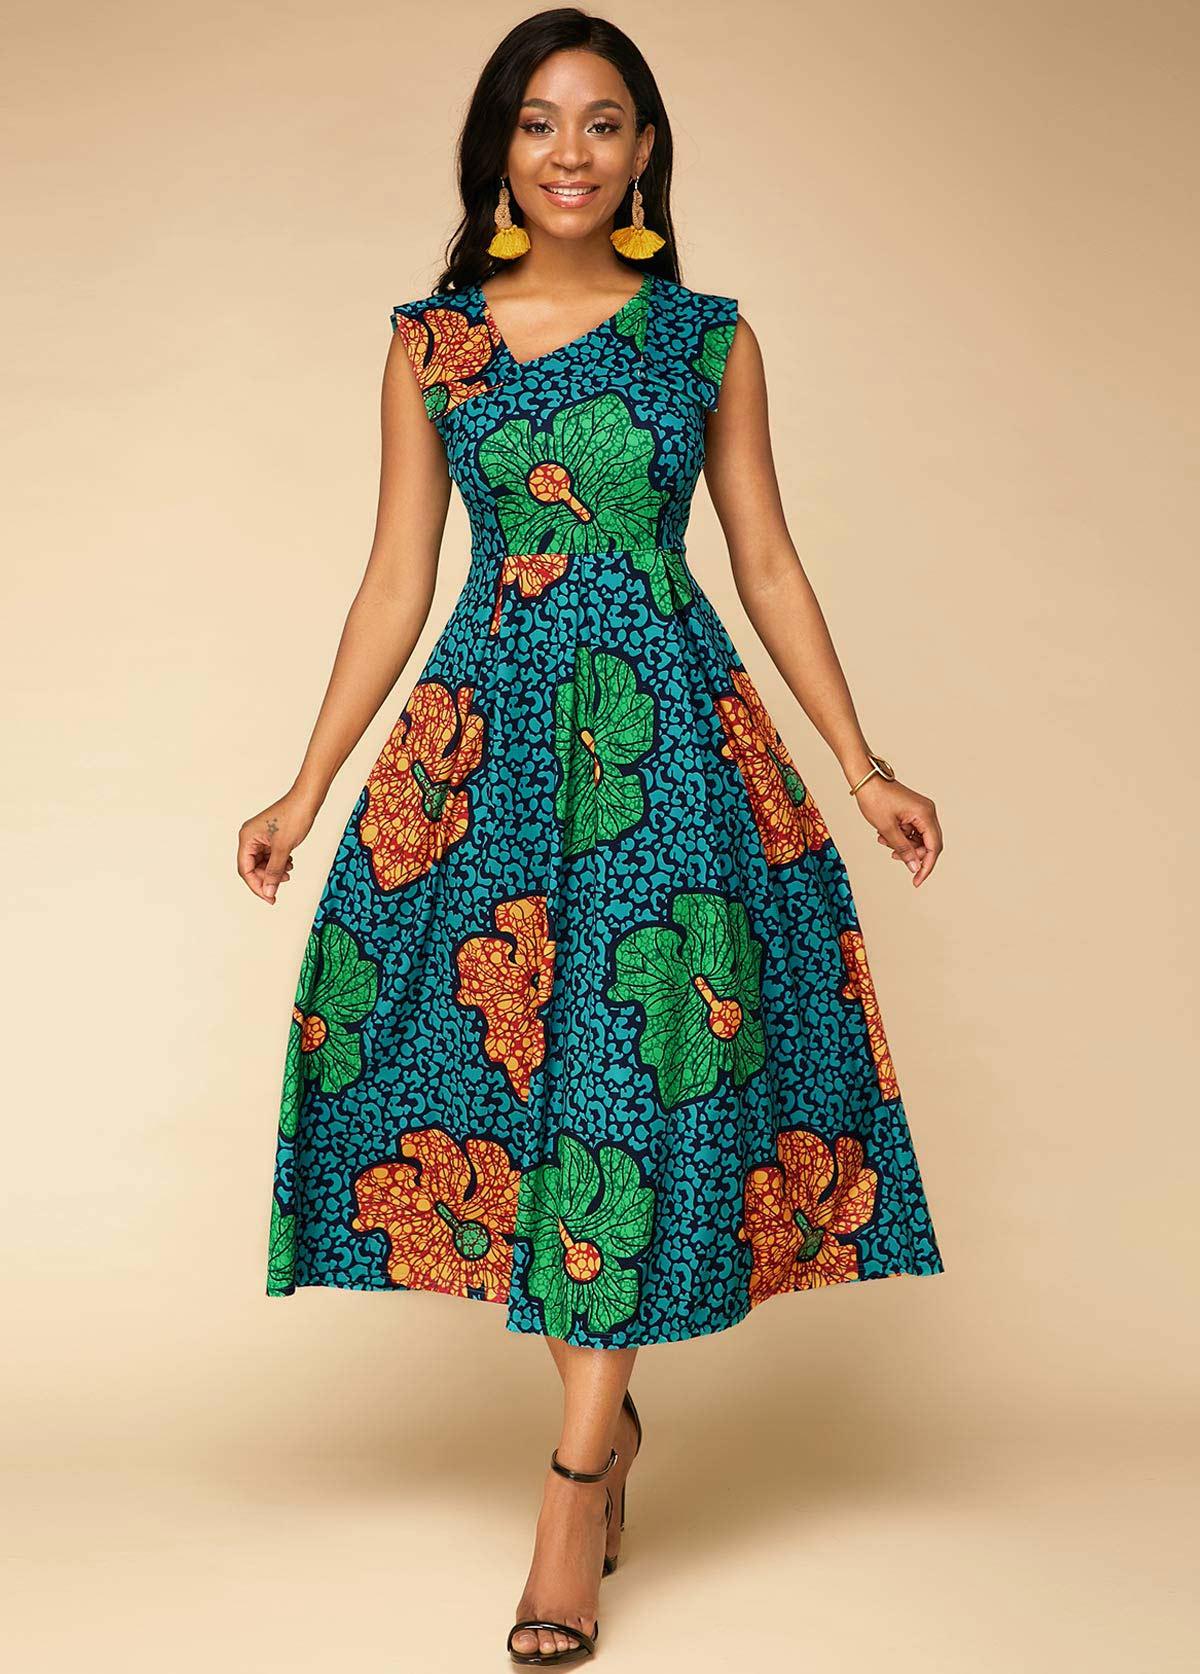 ROTITA Oblique Collar Flower Print High Waist Sleeveless Dress